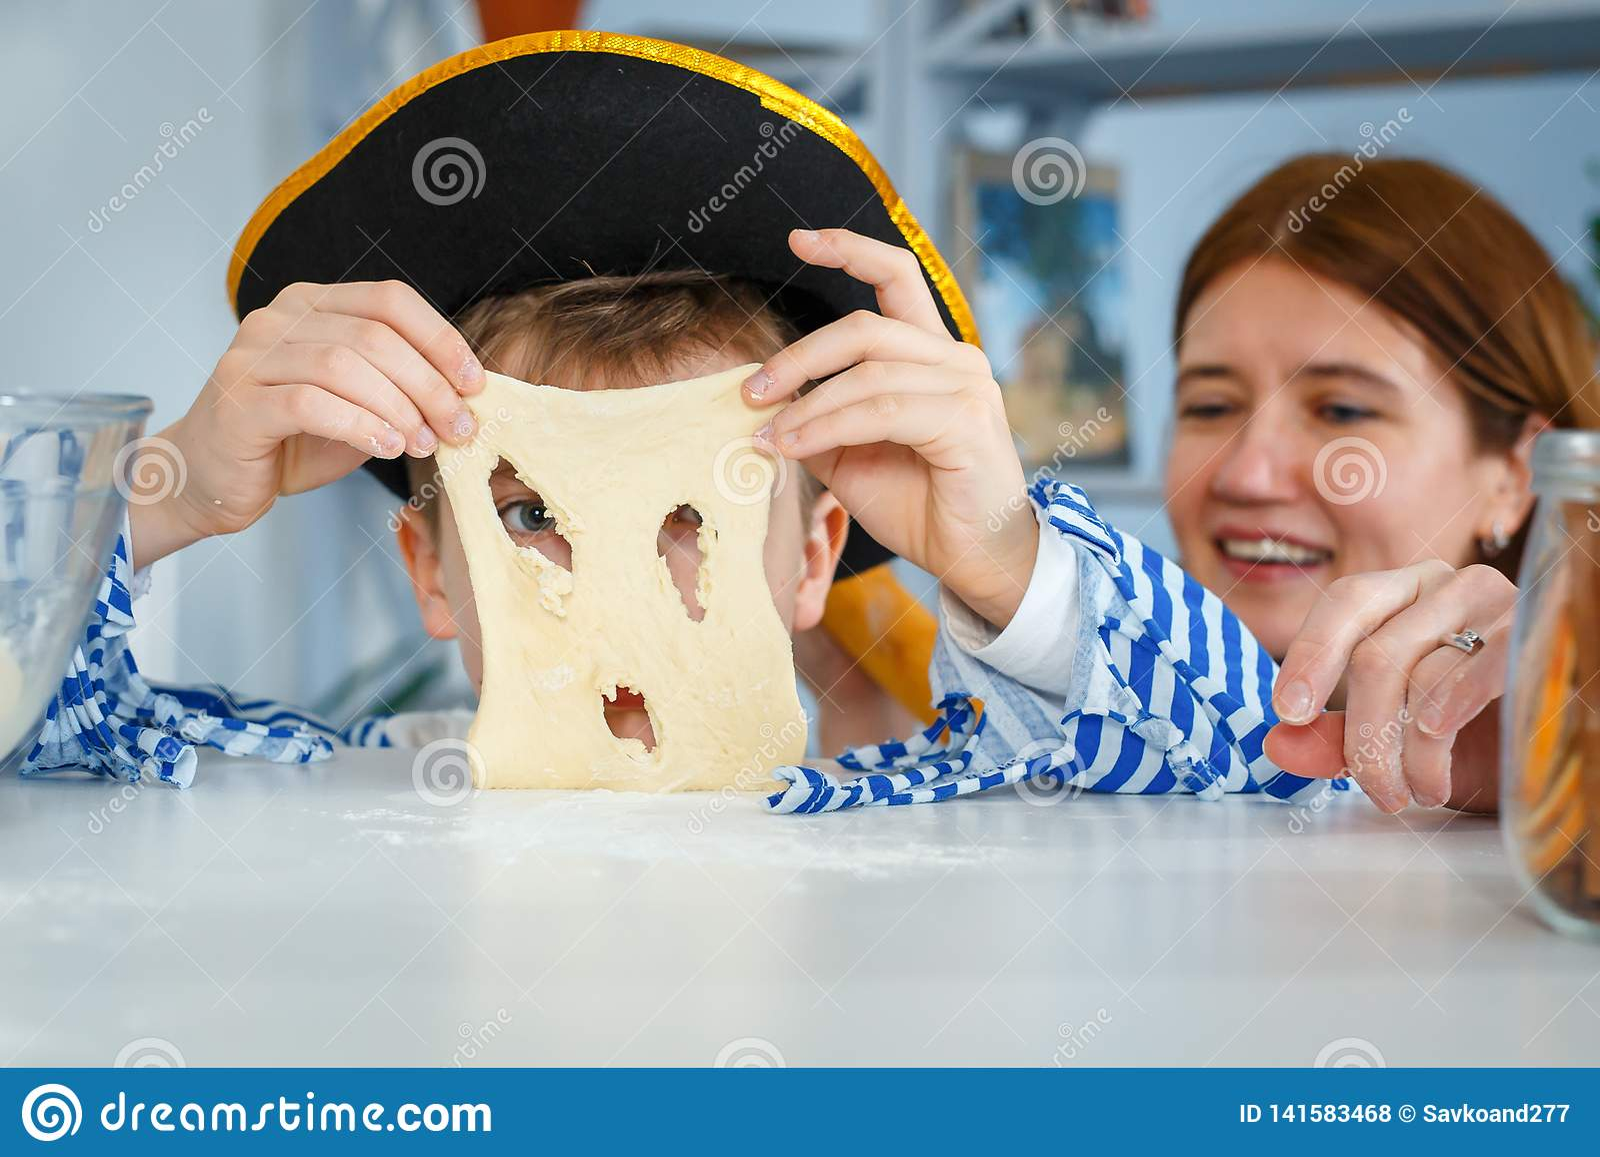 La familia cocina junta La mamá y el hijo amasan la pasta con la harina Prepare la pasta en la cocina